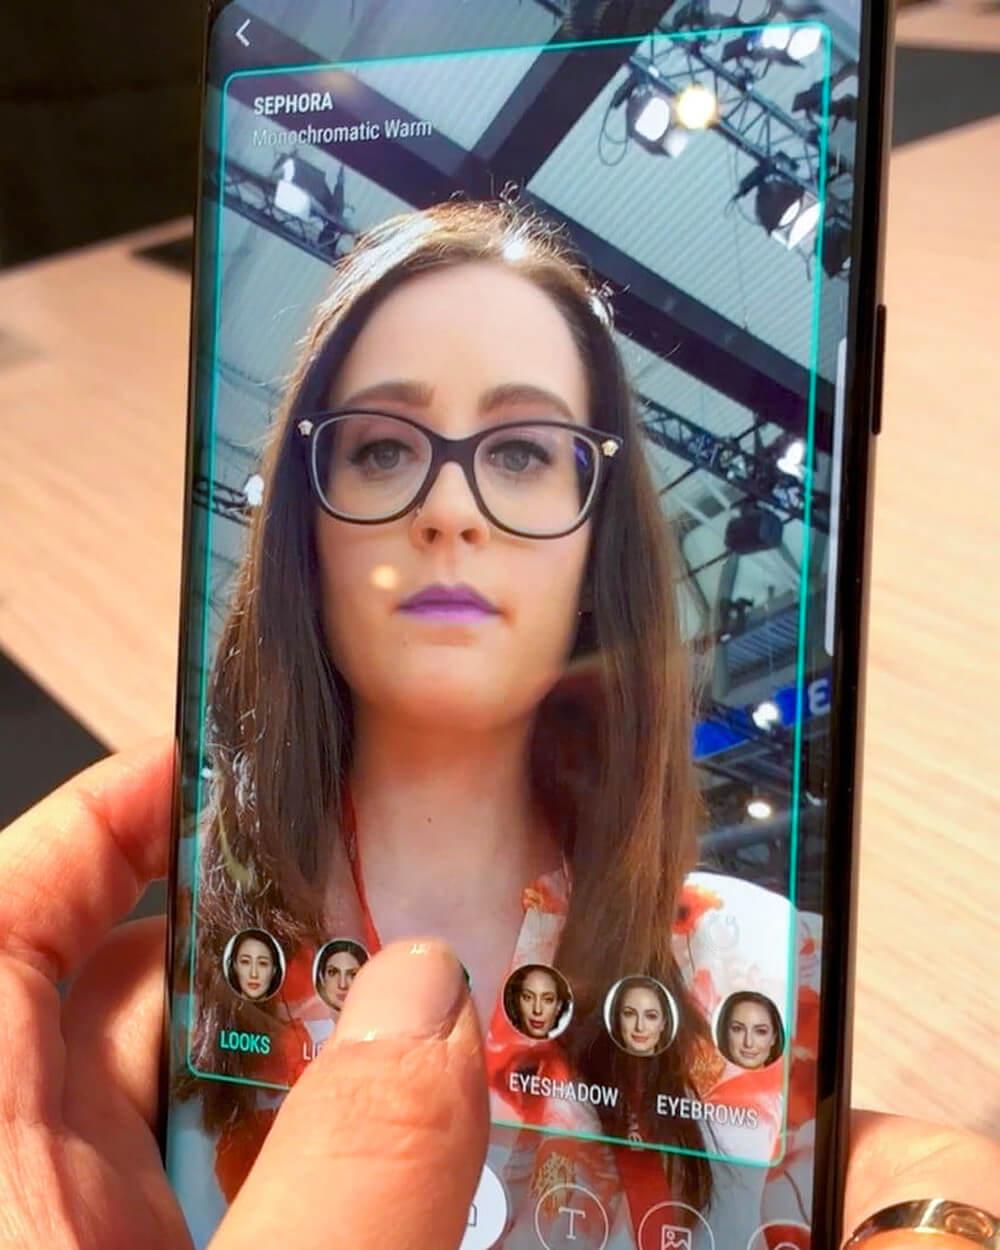 Sephora VR makeup ModiFace app